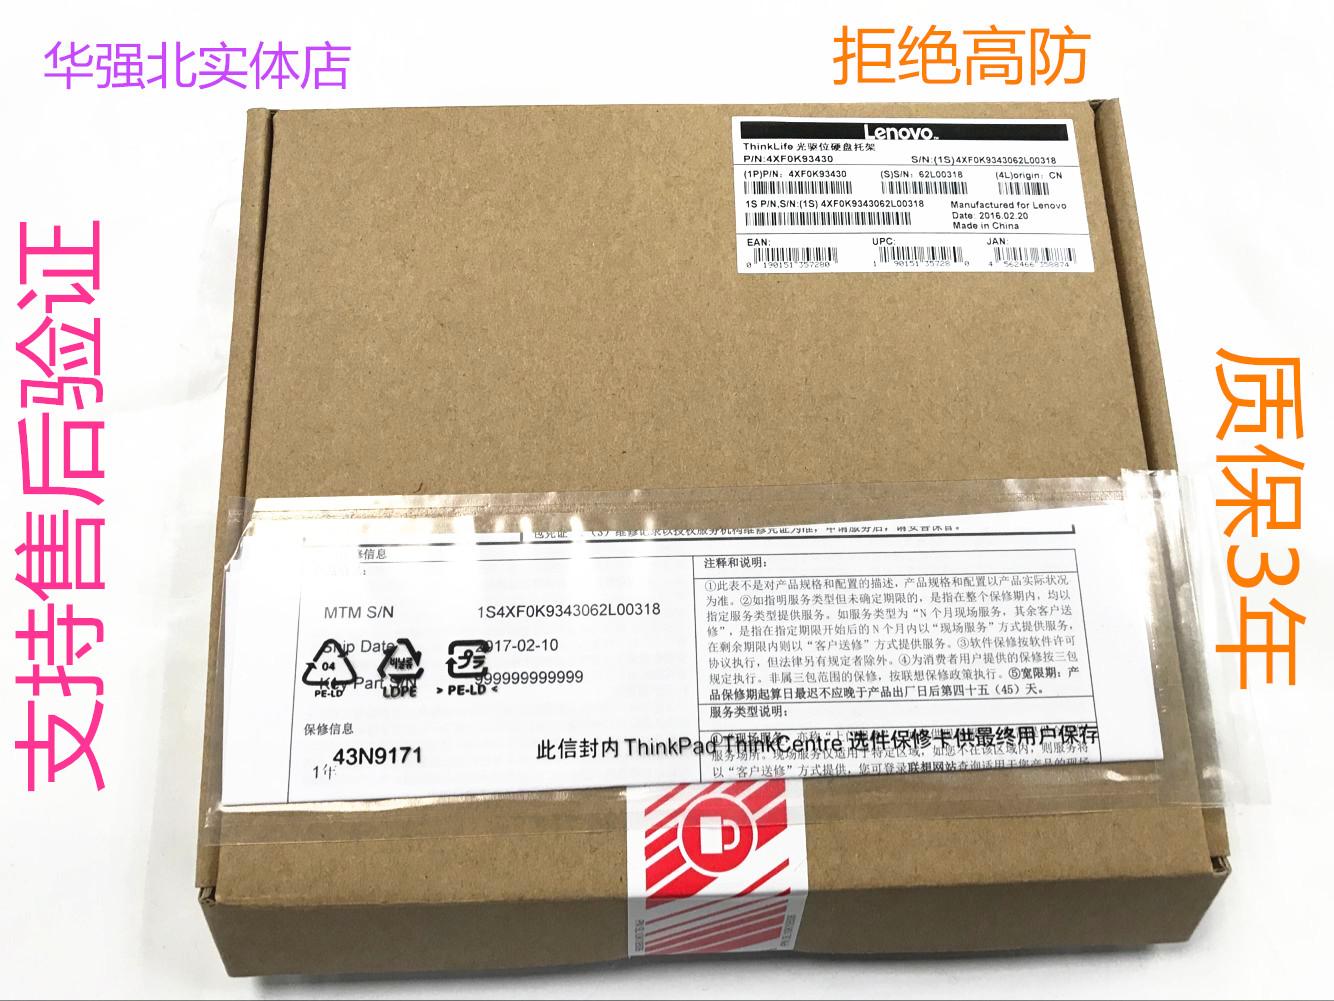 Thinkpad 原装 P70 P71 光驱位托架 带面板和固定扣 保卡支持固态